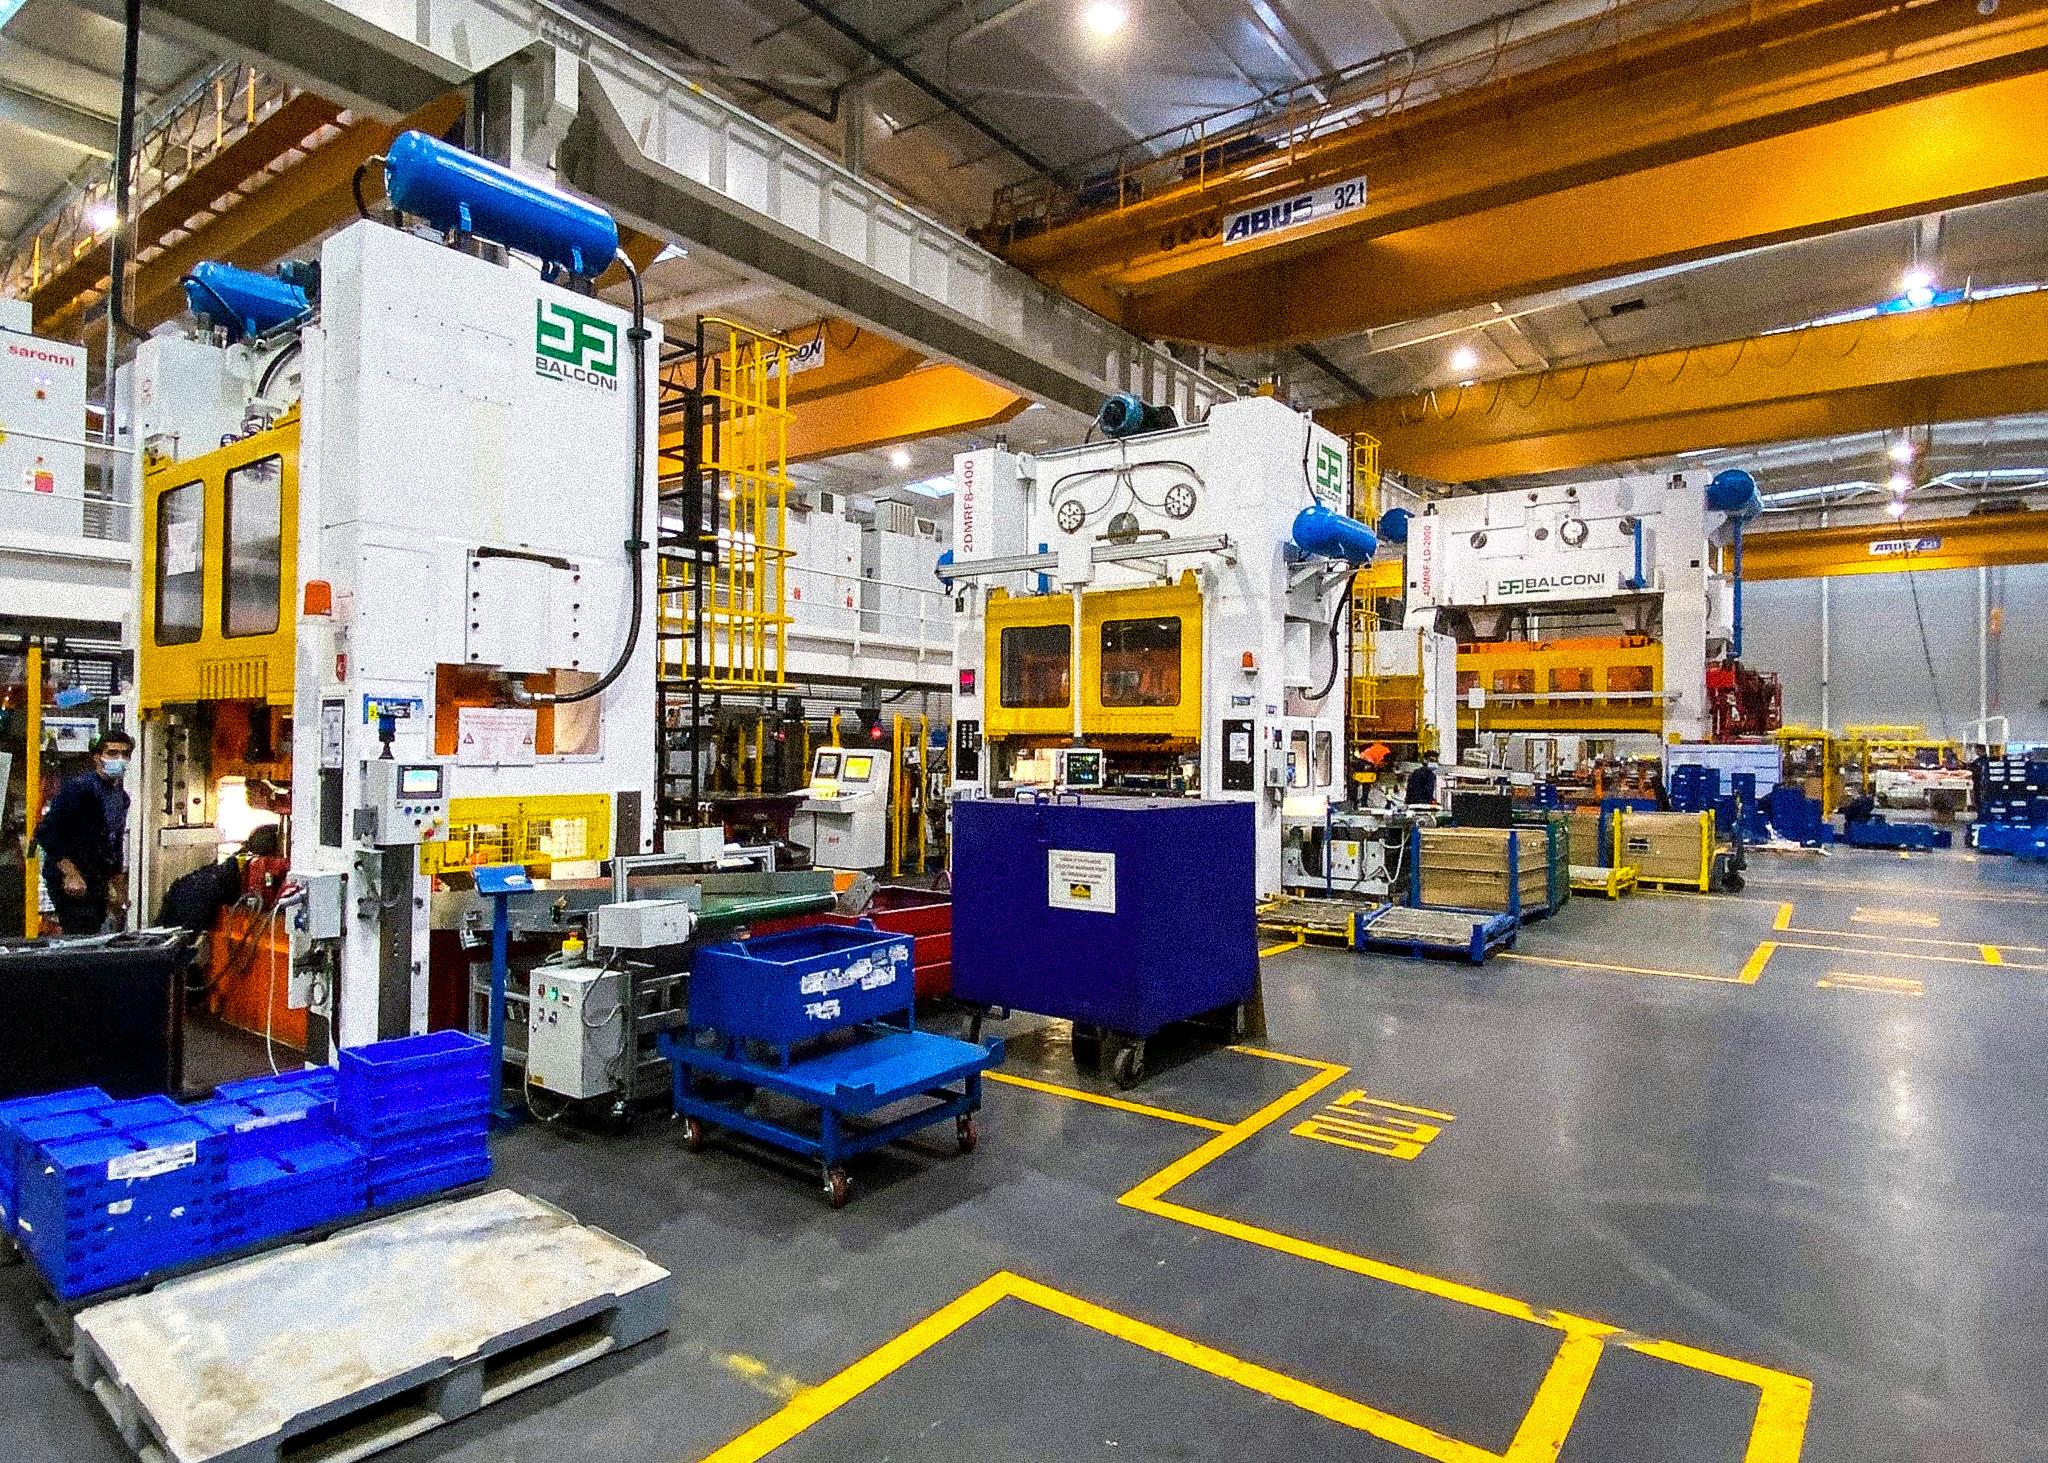 Atelier de production avec des presses automatiques 200T, 400T et 2000T transfert - Snop Tanger